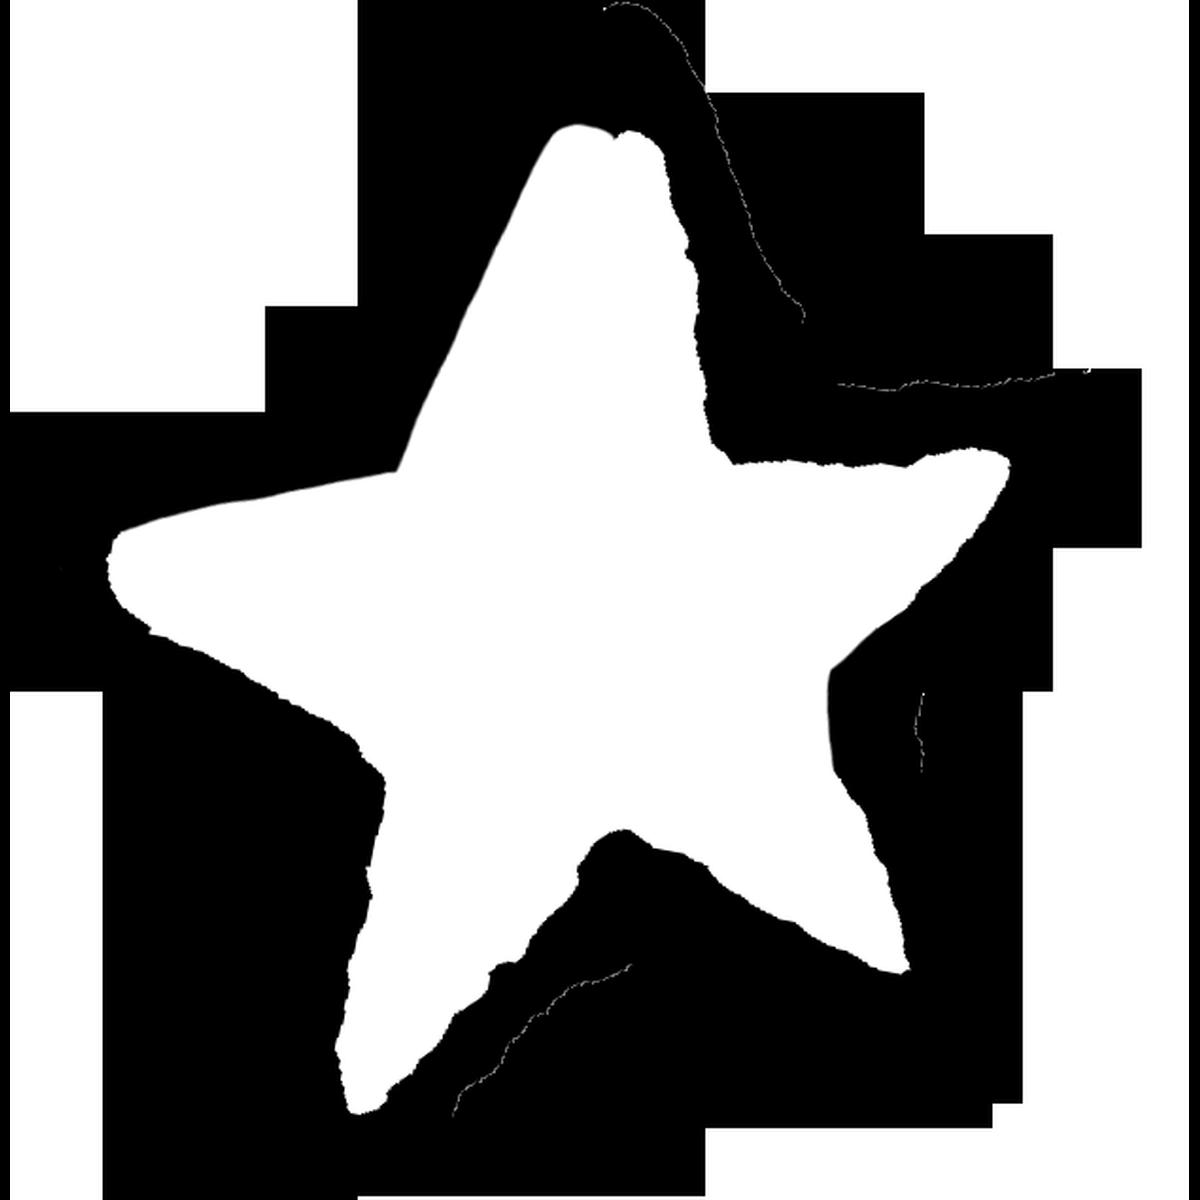 星印(白)1のイラスト Star mark Illust